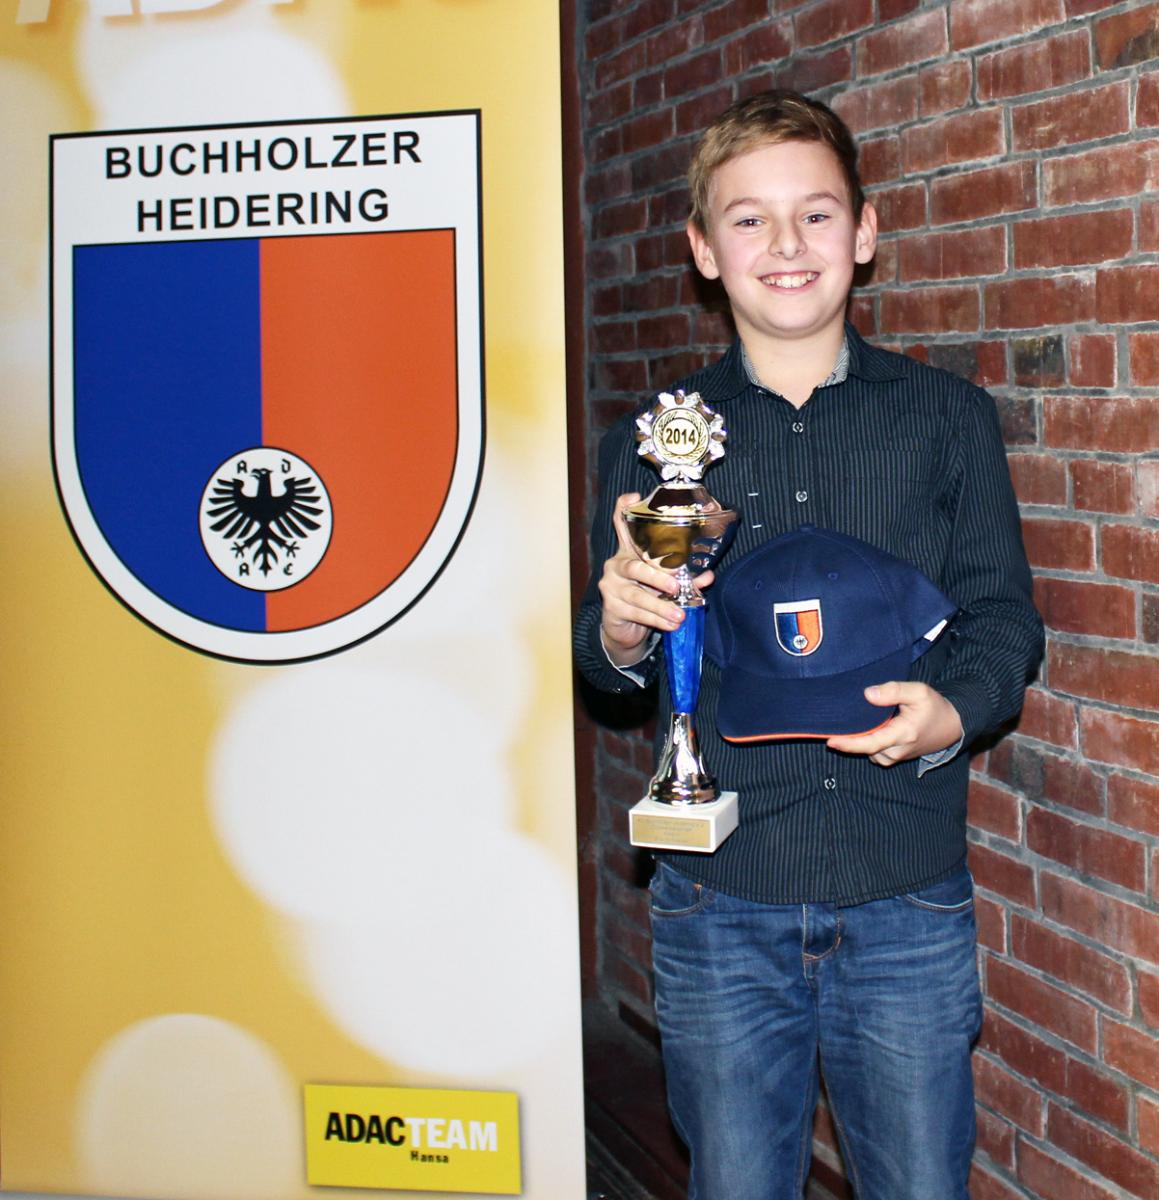 Vereinsmeister 2014 Erik Schnieber